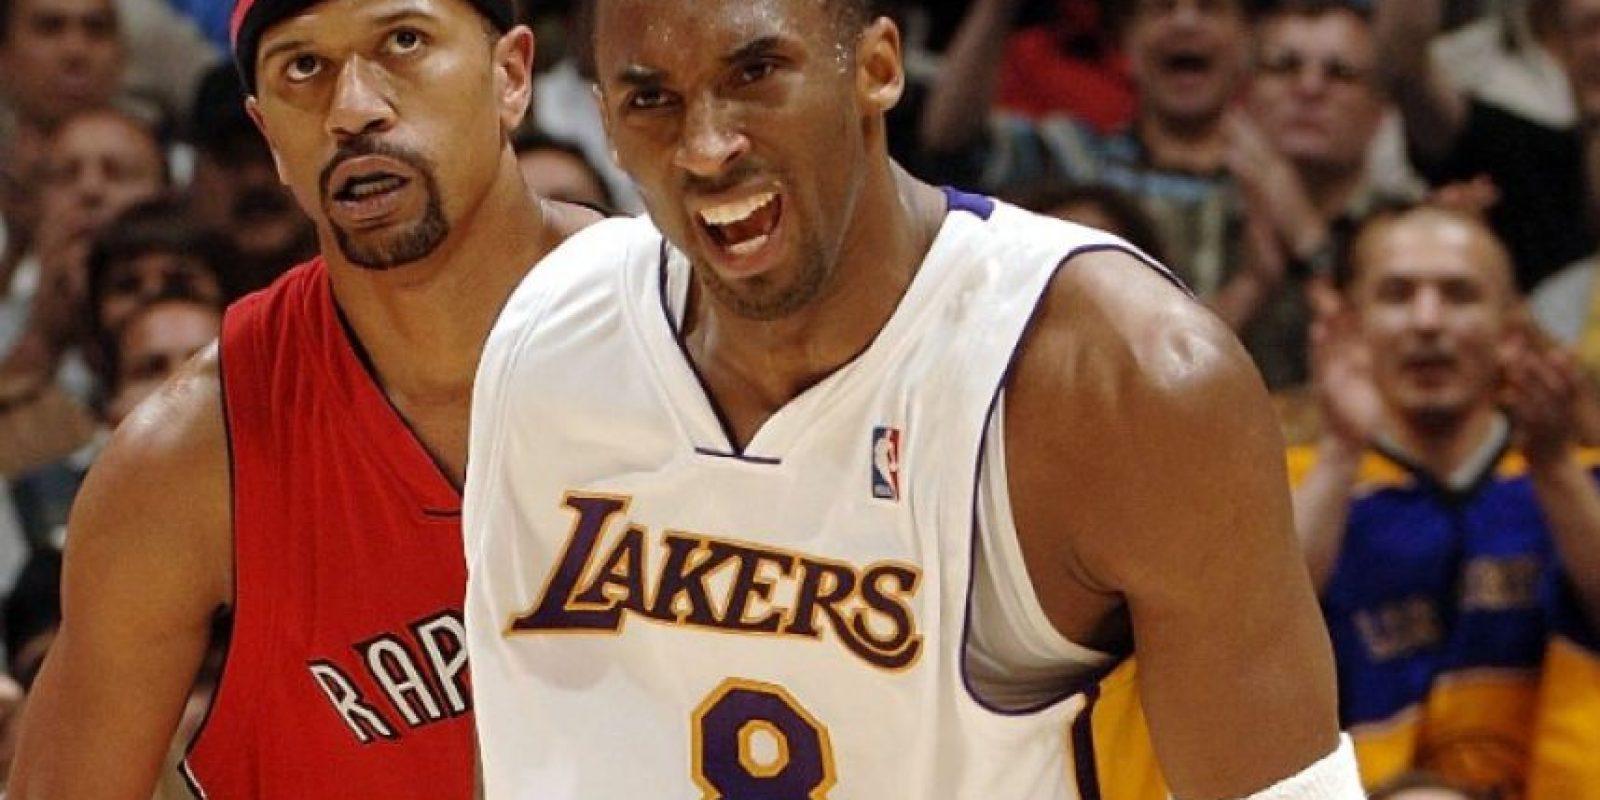 """Explosión frente a Raptors. El 22 de enero del 2006, Kobe Bryant encestó 81 puntos ante los Raptors de Toronto, siendo este el mayor total de puntos en un partido en su carrera y el segundo total más alto en un encuentro en la historia de la NBA, detrás de los 100 que anotó Wilt Chamberlain. En ese encuentro la """"Mamba Negra"""" lanzó de 46-28 en tiros de campo, incluyendo de 13-7 en tiros de tres y de 20-18 en tiros libres en 41:51 minutos en la cancha, en la victoria 122-104 de los Lakers. Foto:Fuente Externa"""